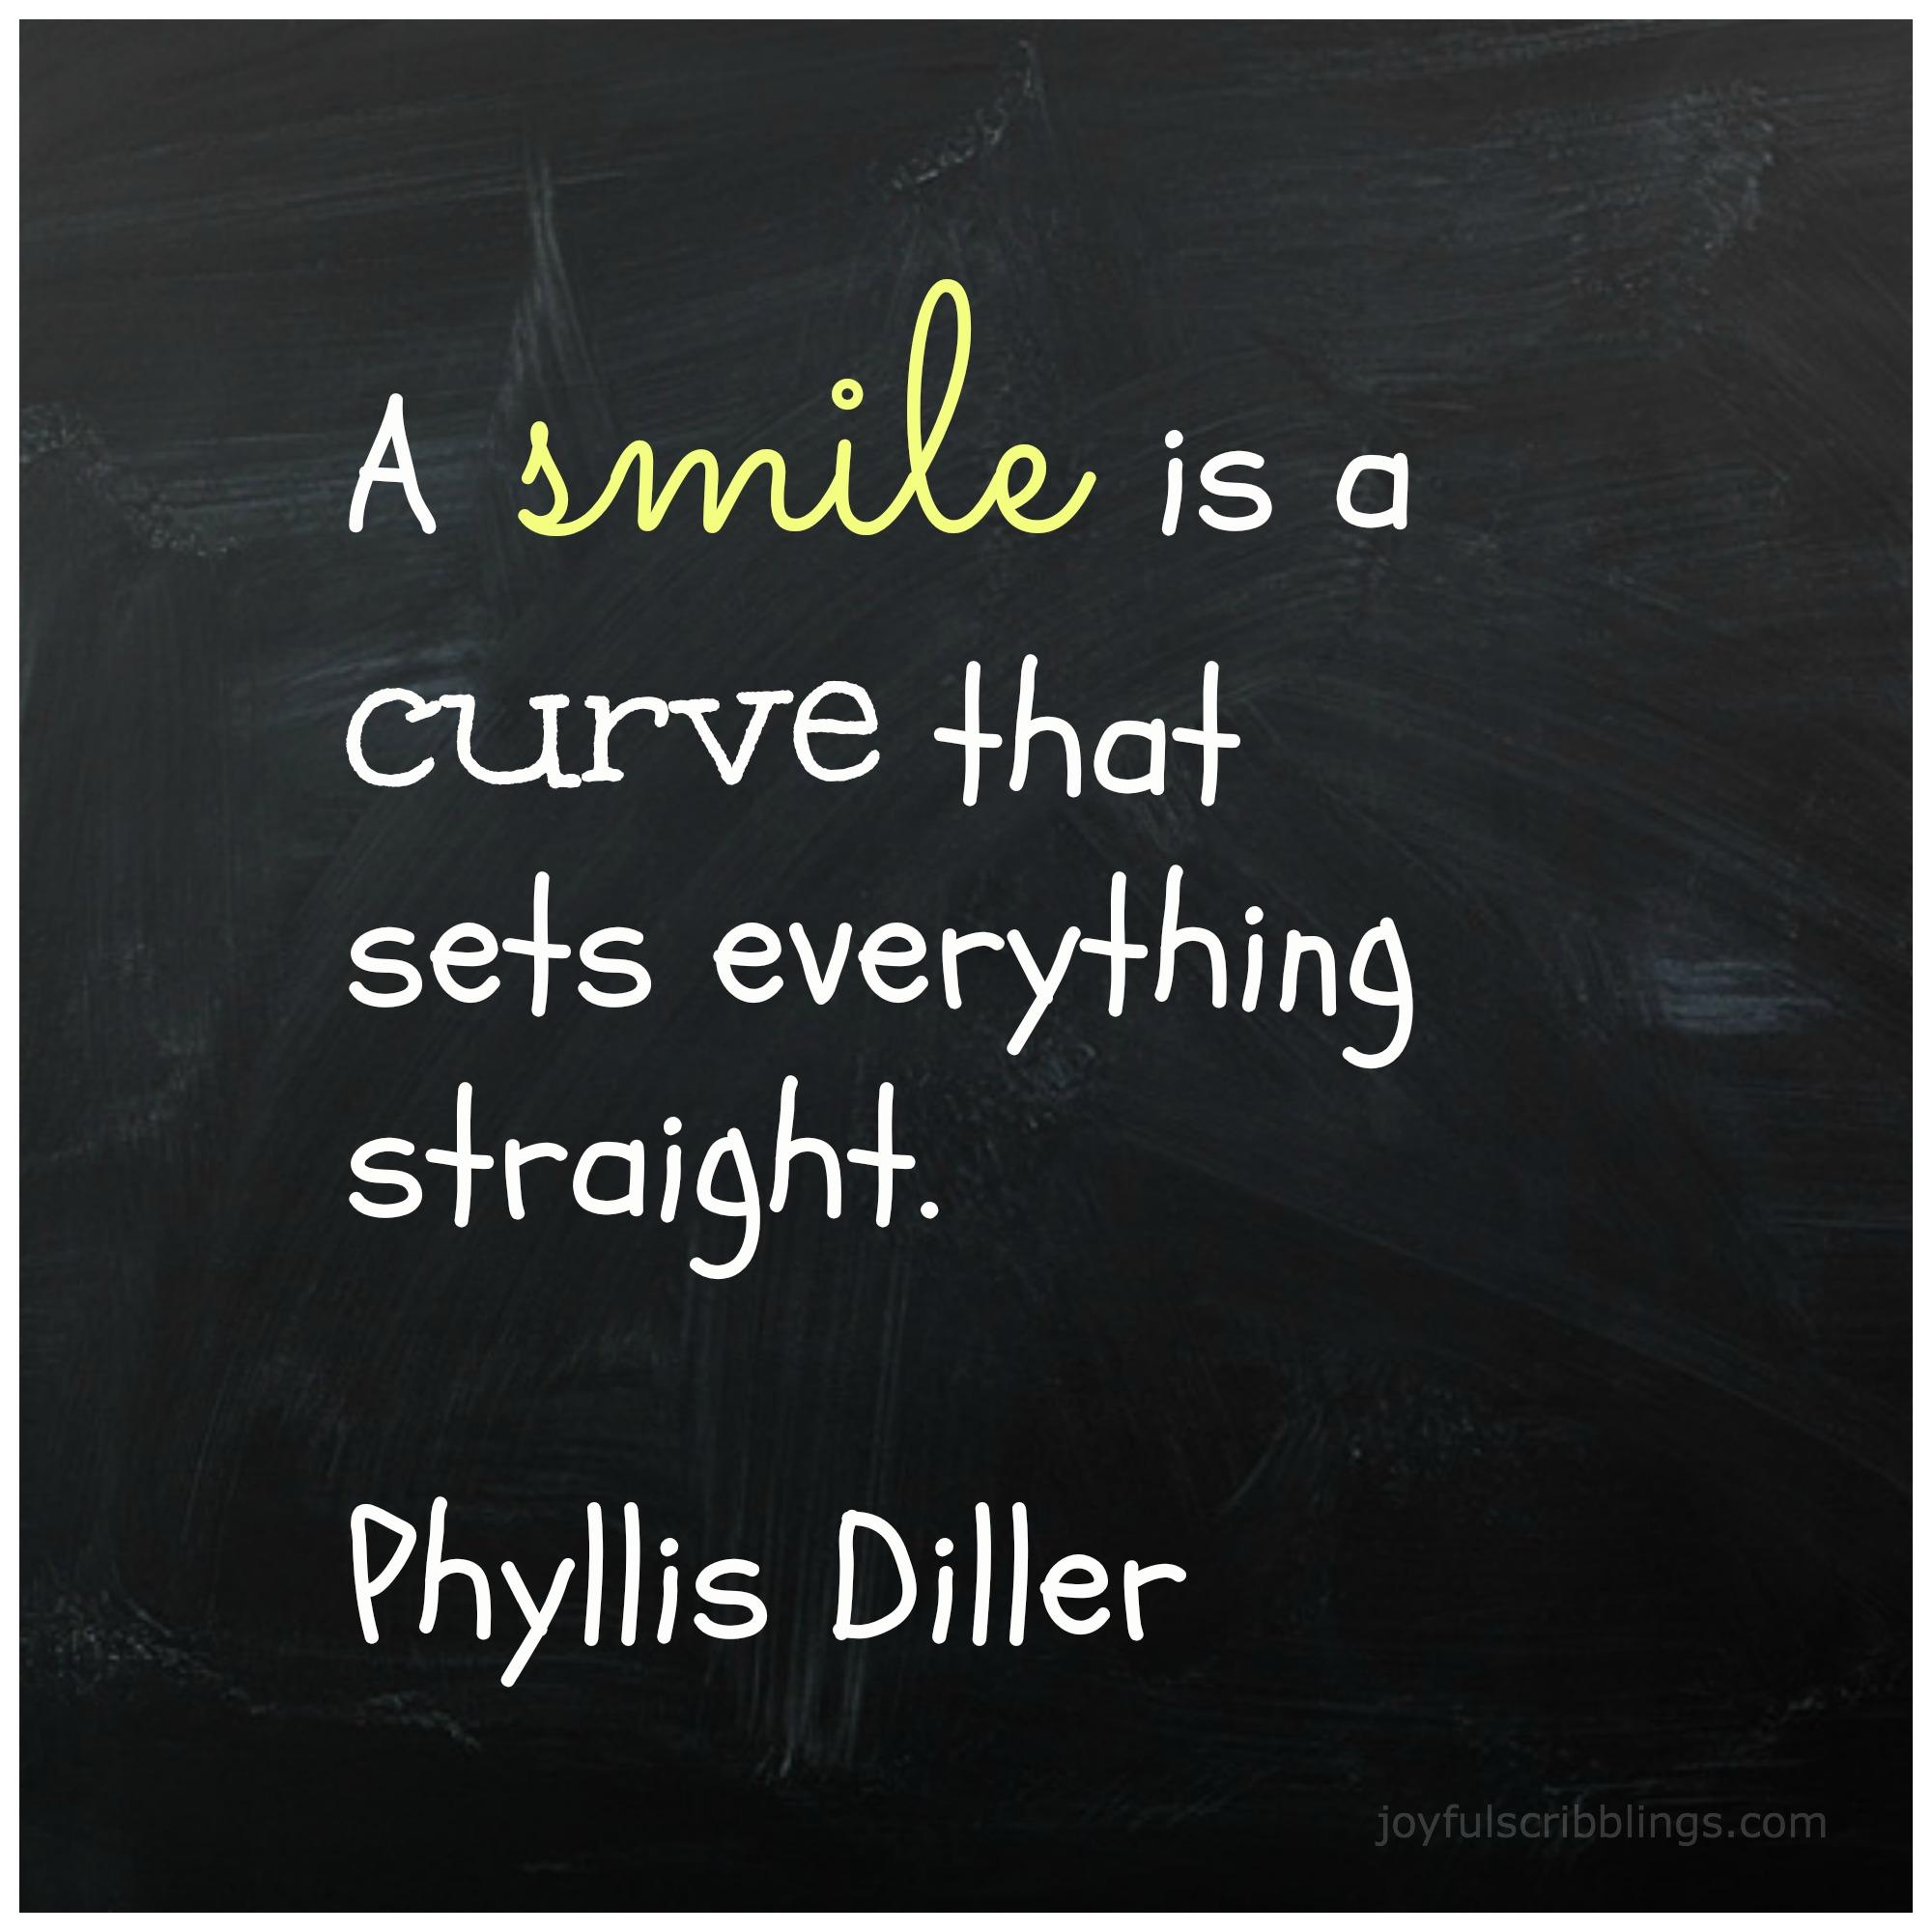 throwback smile stories joyful scribblings